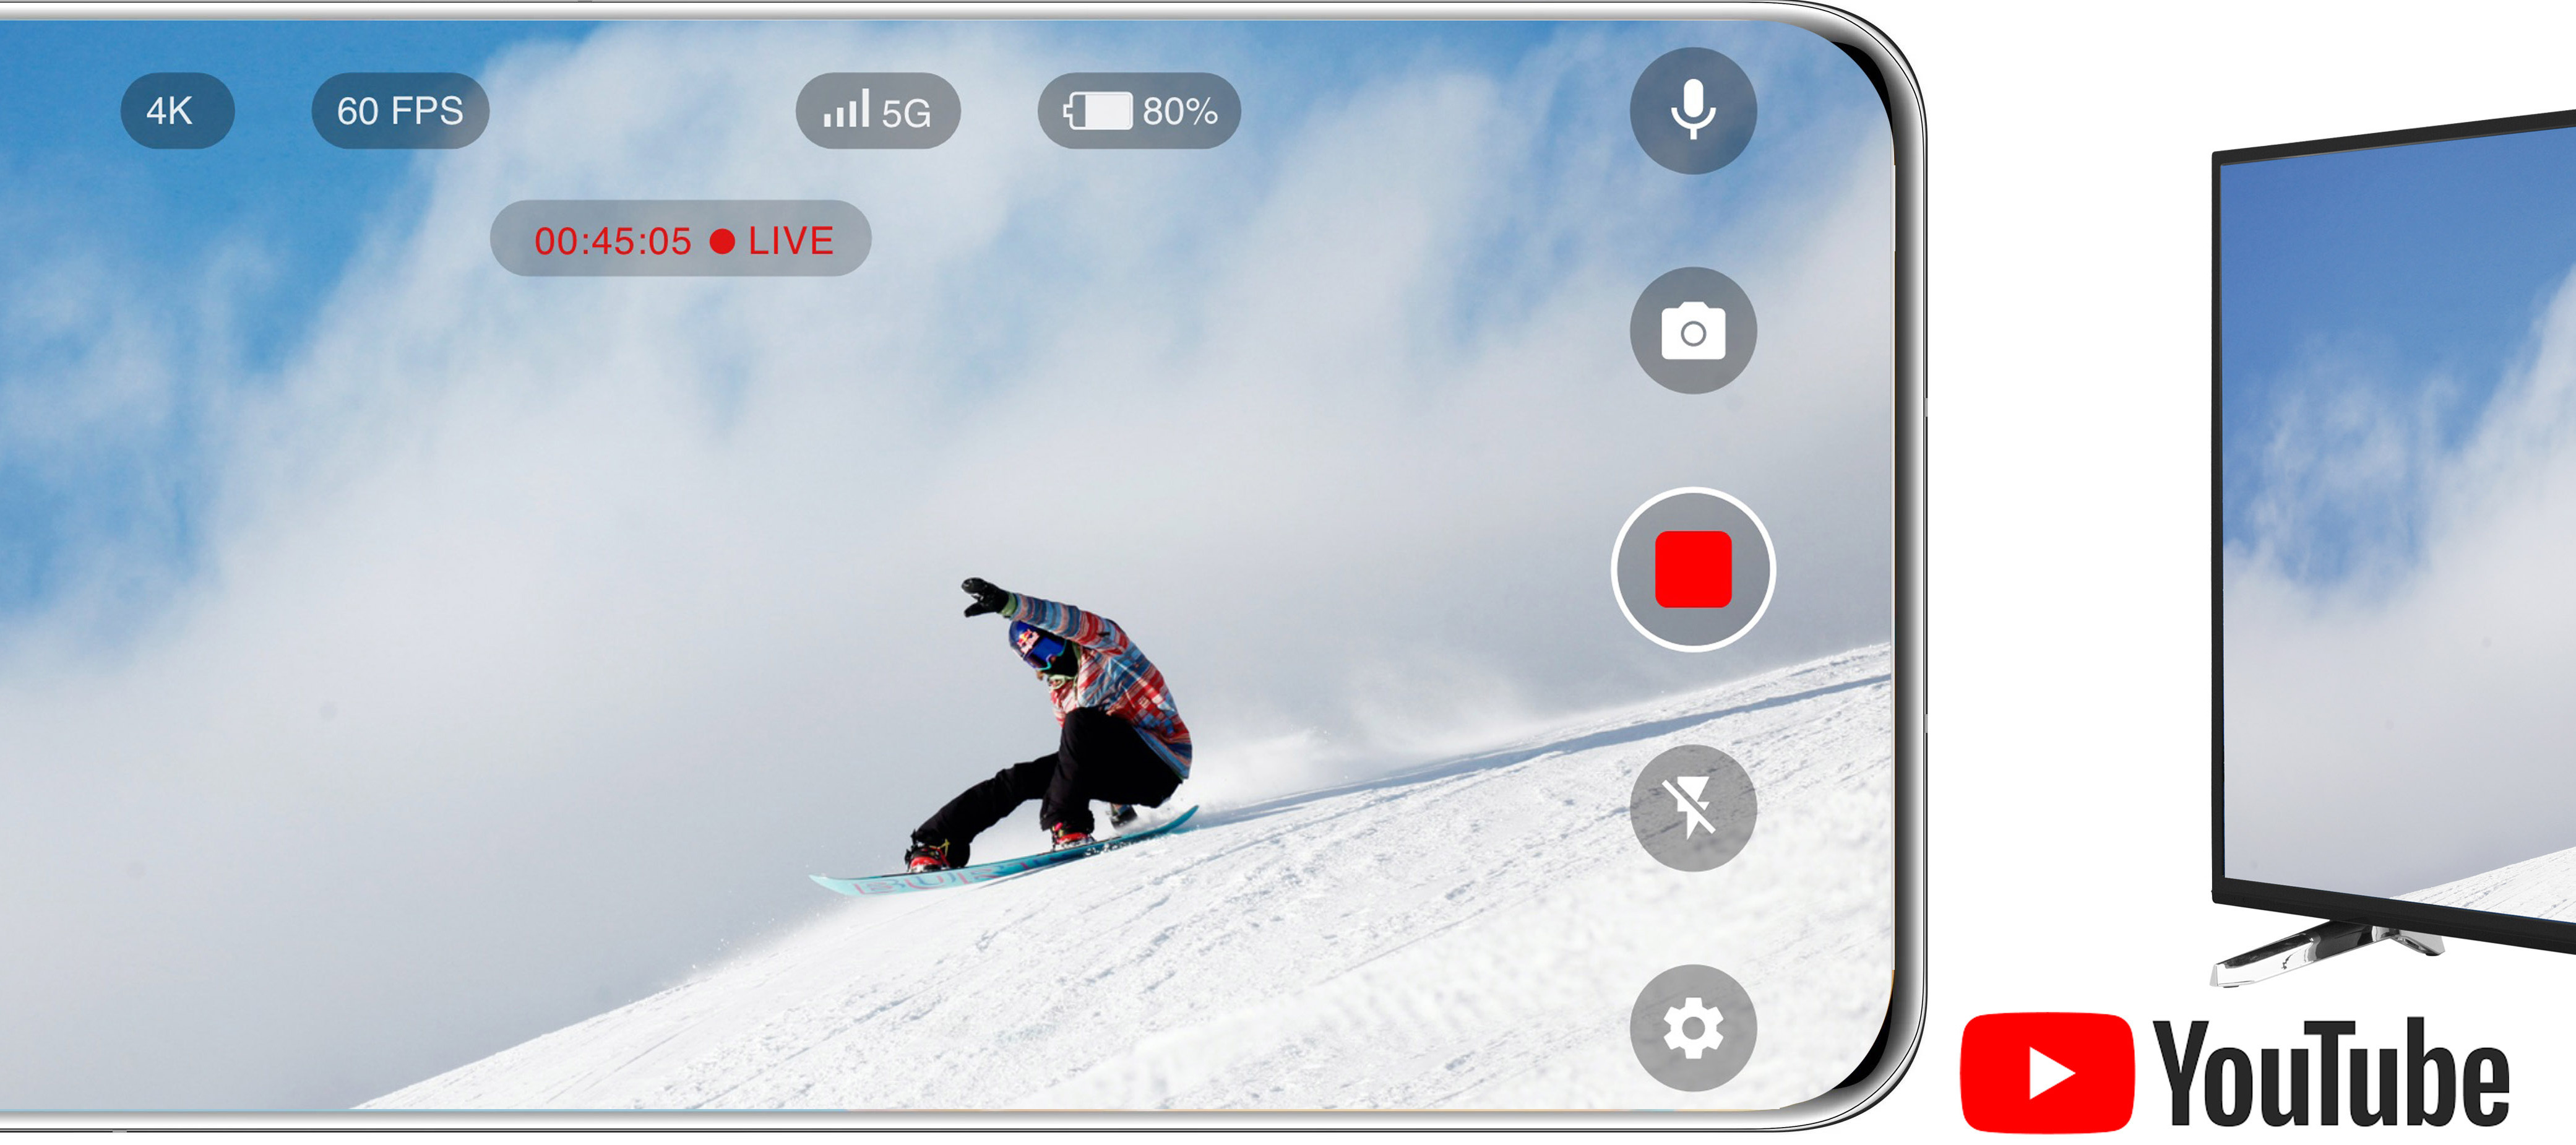 Striimaa 4K Live -videota uudella Elisa 4K Live -sovelluksella!